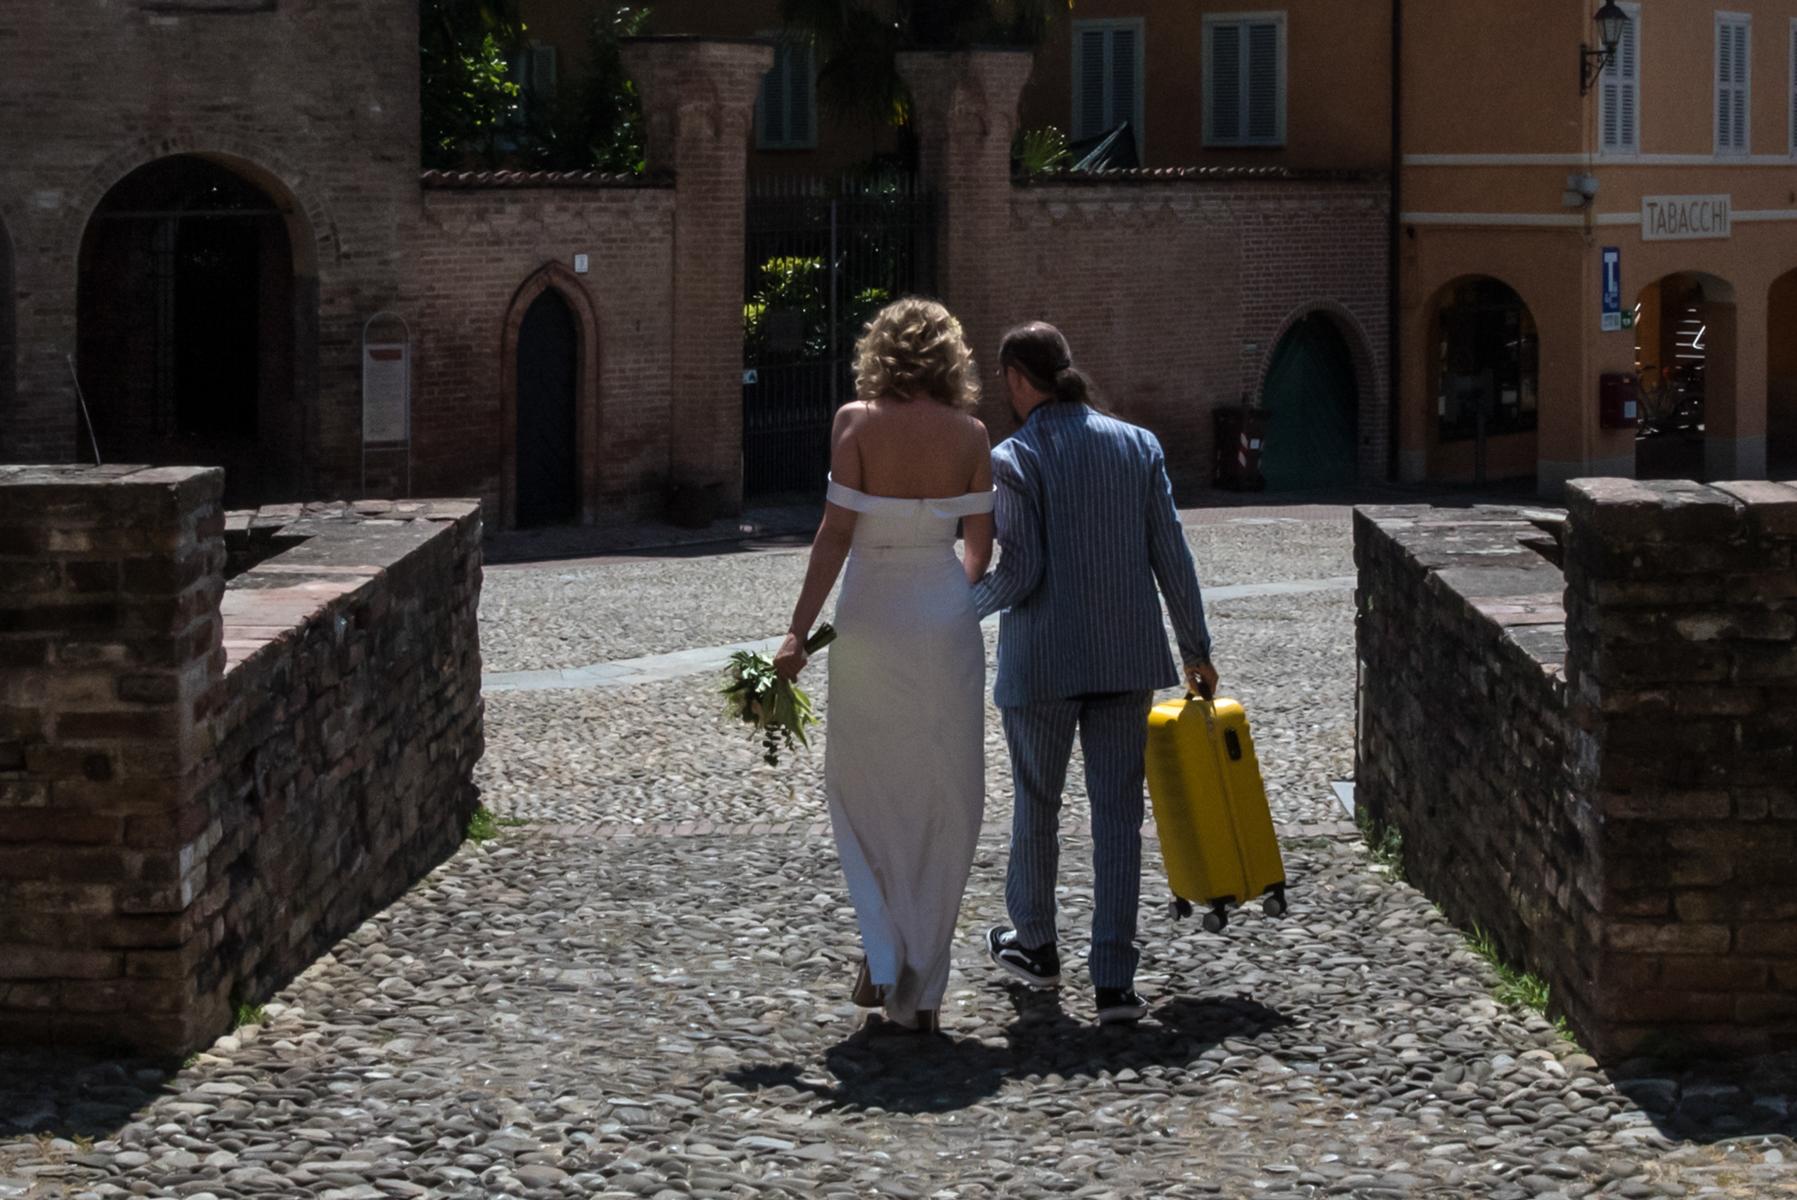 Die Gäste sind schon weg, ich beschließe, das Brautpaar nach Rocca zu begleiten, um den Koffer der Braut abzuholen, der seit ihrer Ankunft in einem Zimmer deponiert wurde. Meine Entscheidung gibt mir die Möglichkeit, ein endgültiges Bild aufzunehmen ... eine Geschichte ... die zum Ende geeignet ist